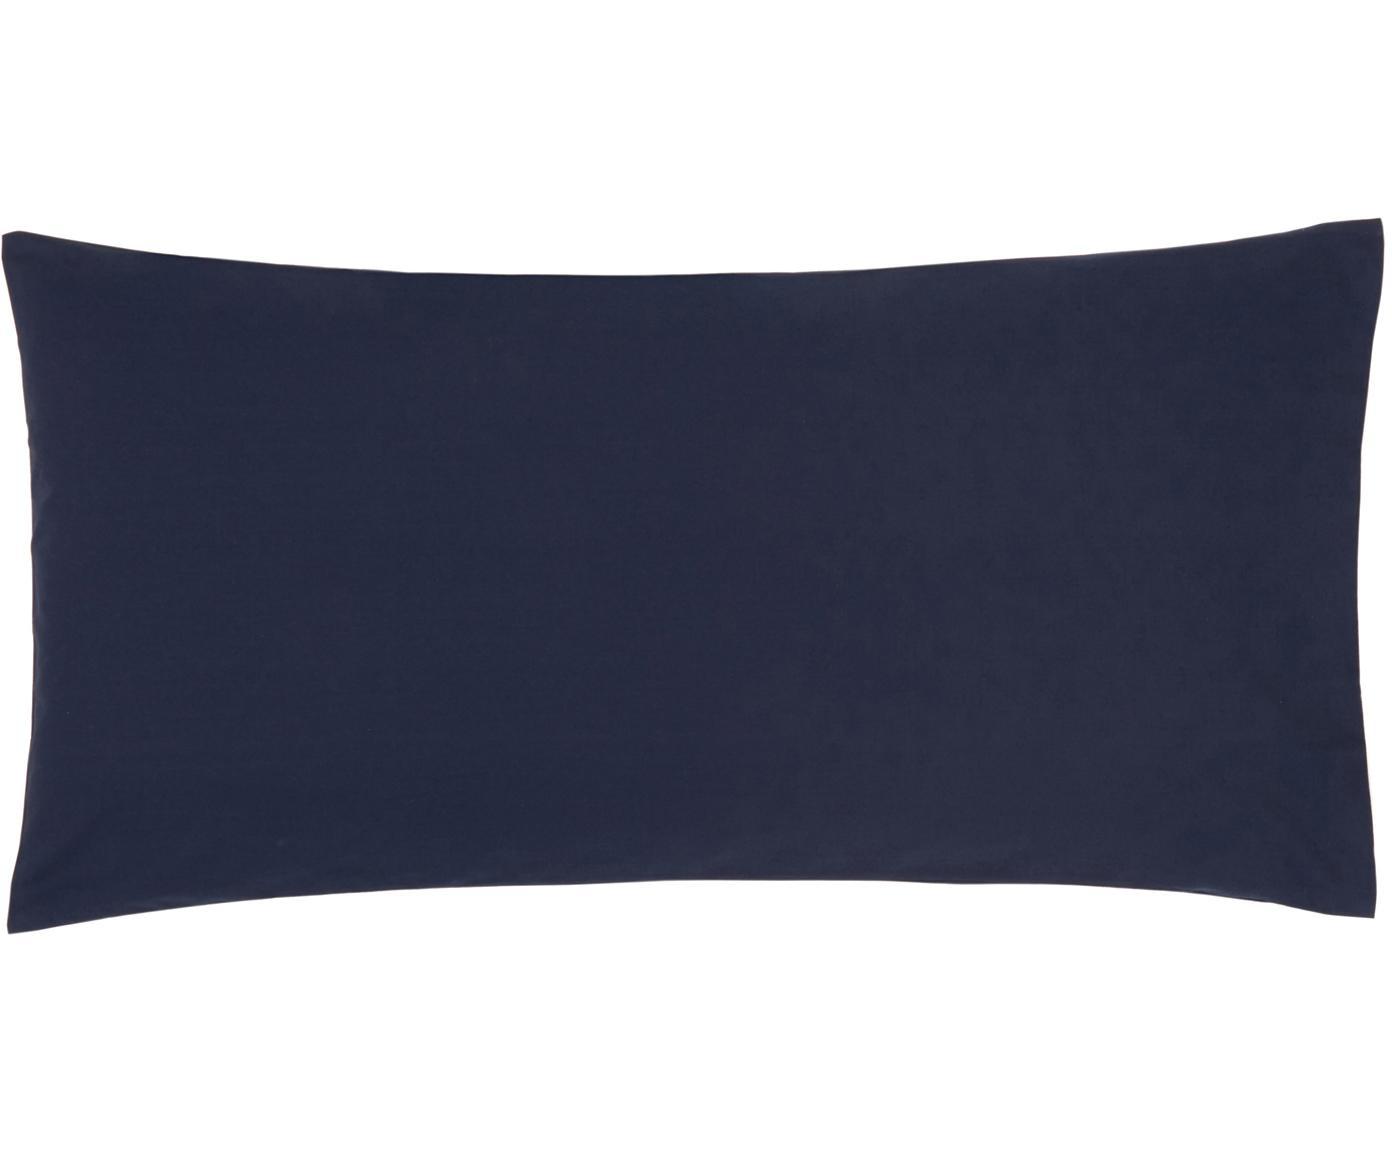 Poszewka na poduszkę z perkalu Elsie, 2 szt., Ciemnoniebieski, S 40 x D 80 cm